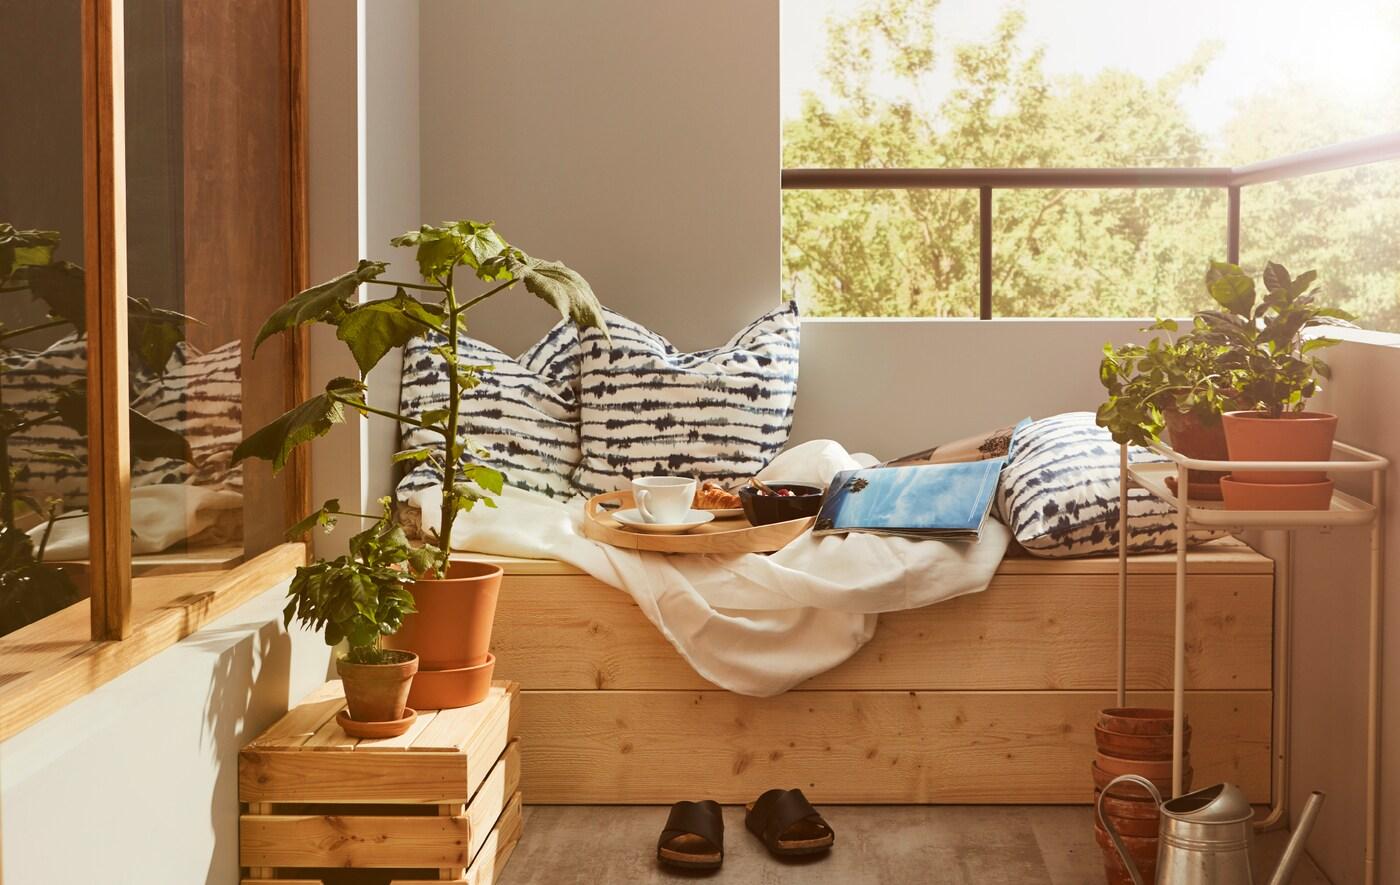 Angolo di una veranda con una seduta in legno rialzata sulla quale sono disposti cuscini, lenzuola e un vassoio per la colazione - IKEA